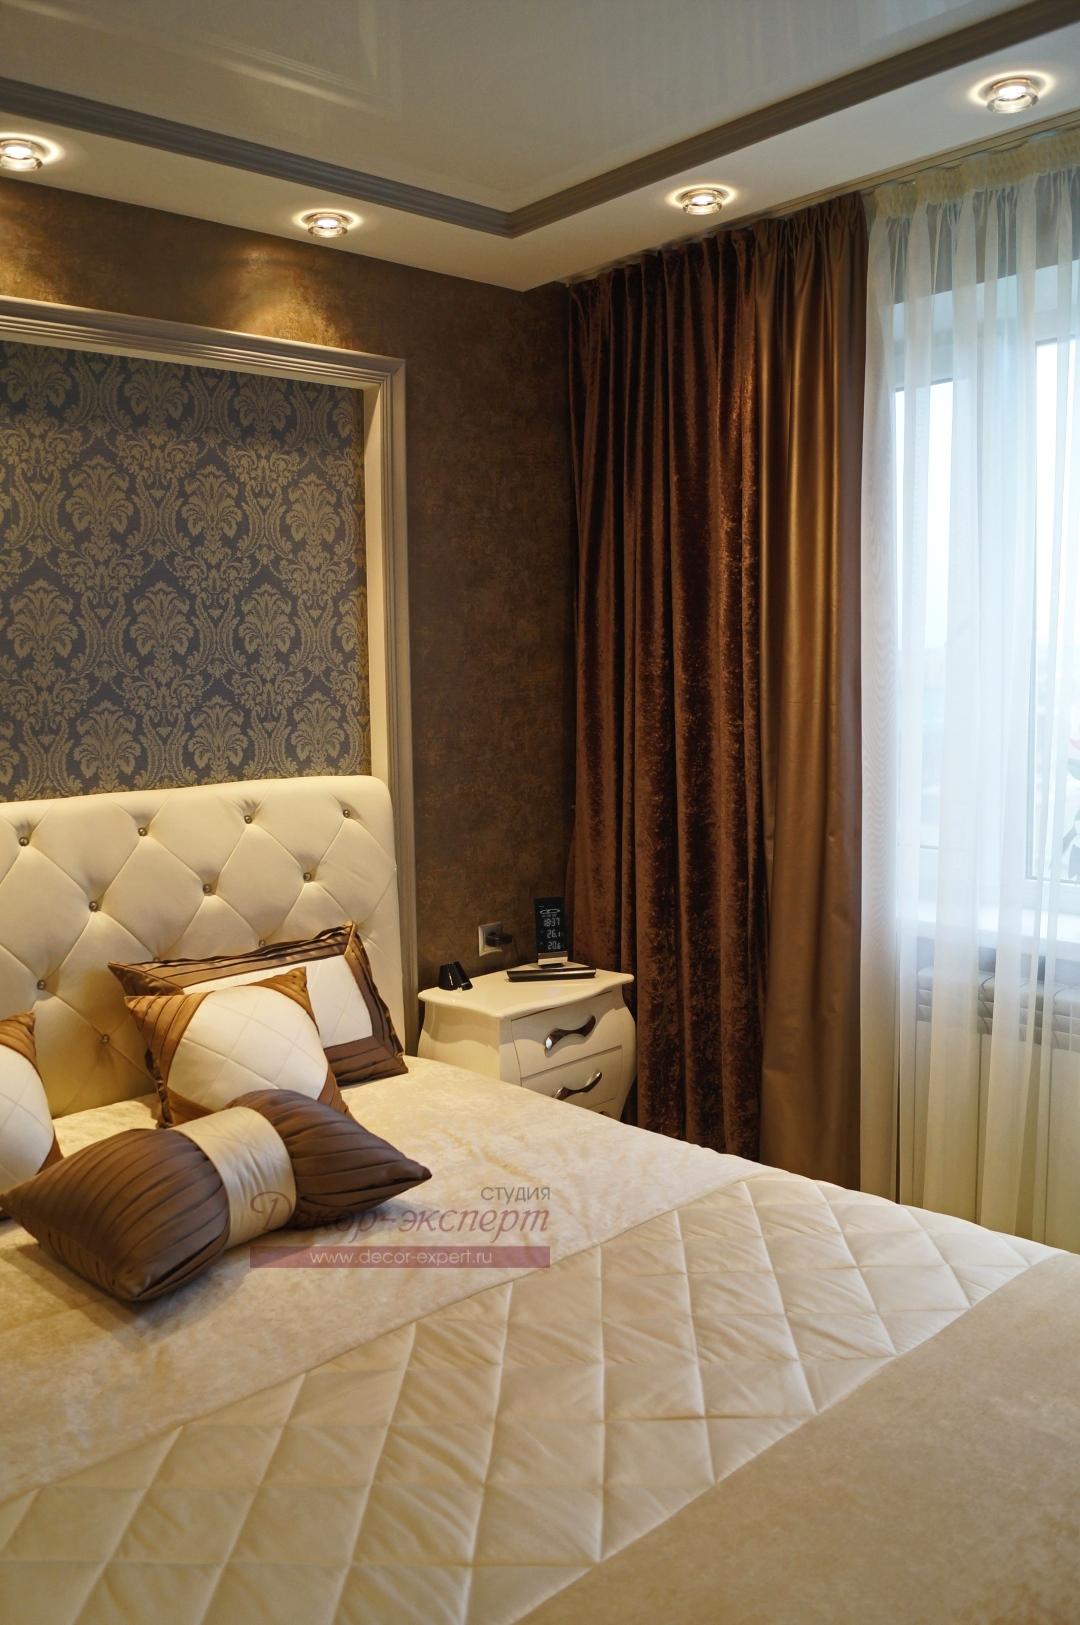 tekstilnii-dekor-dlya-spalni-v-syzrani-01